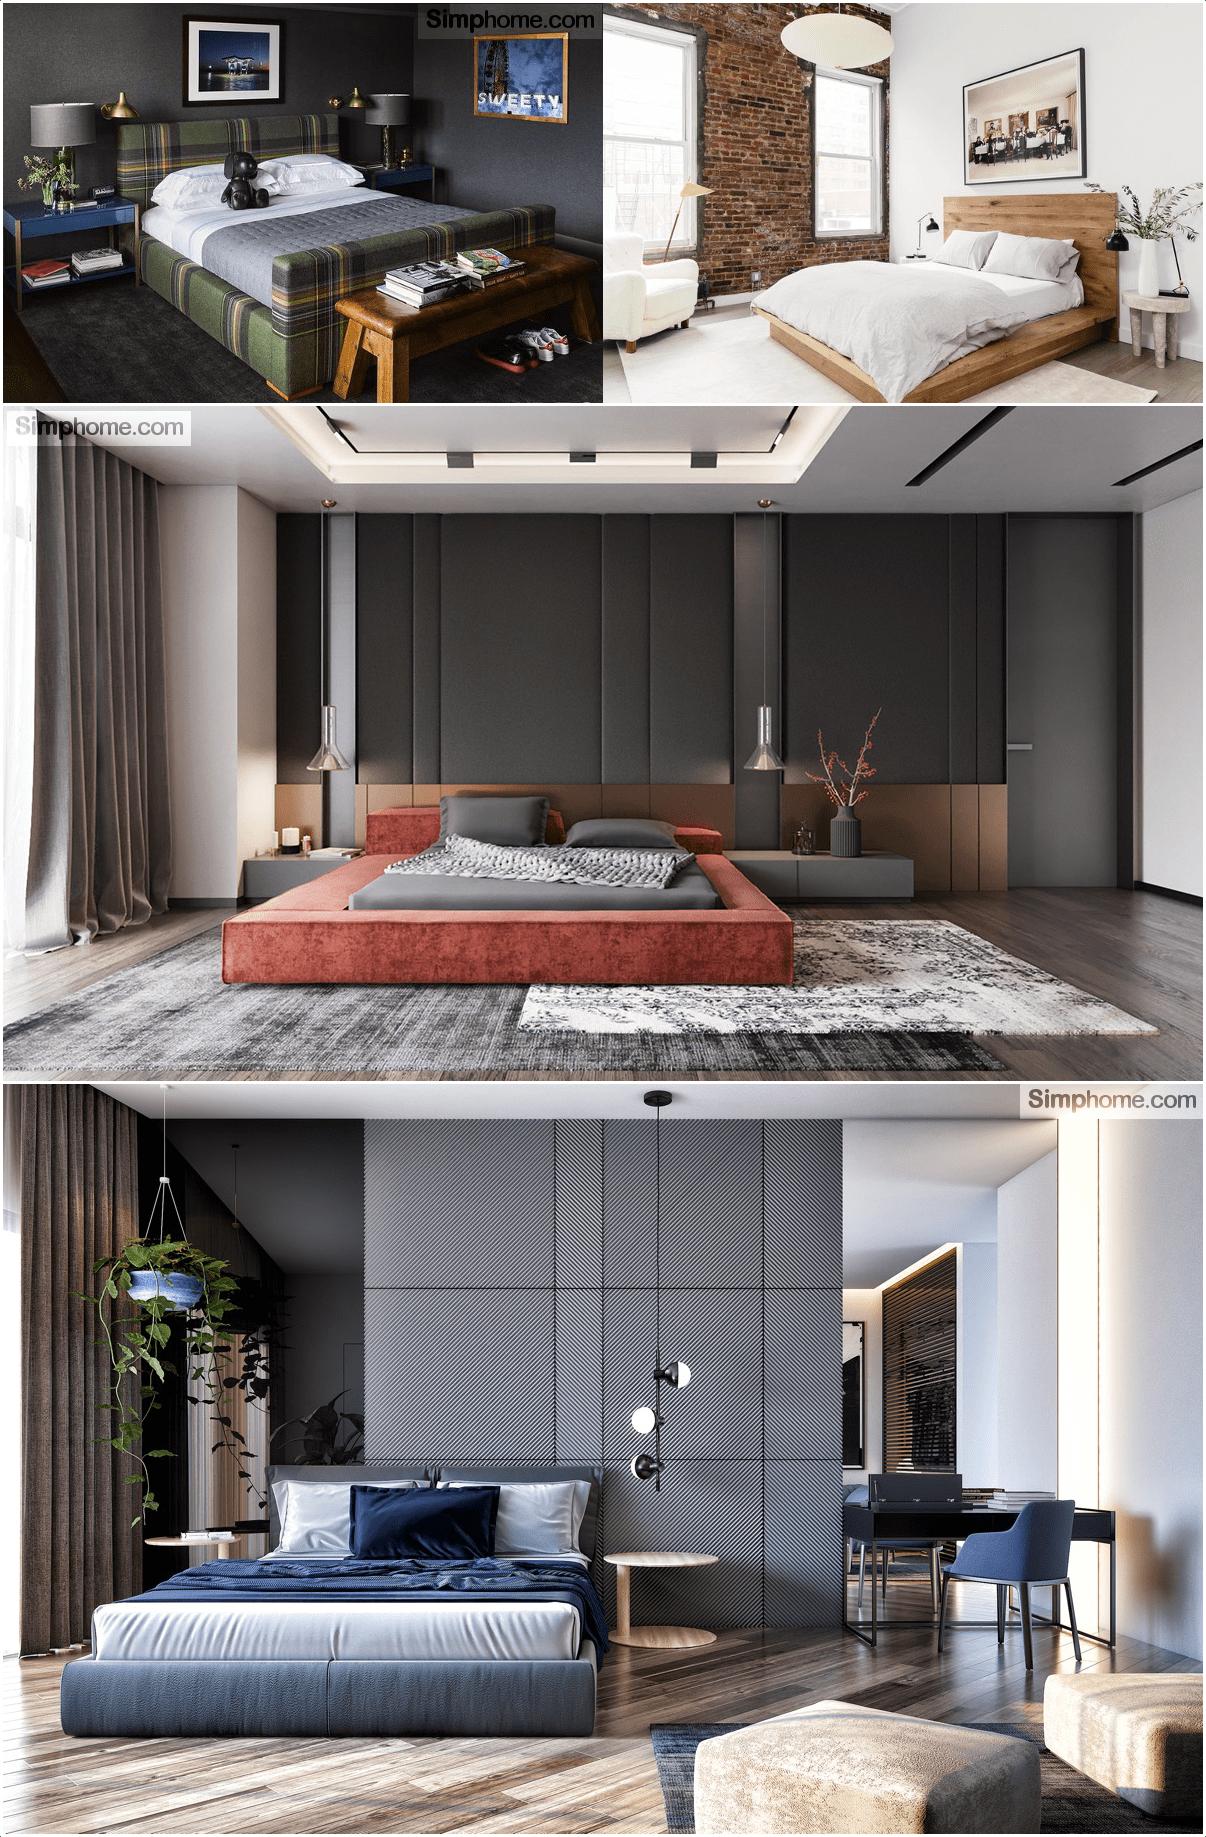 10.Low Level Red Velvet Platform Bed By Simphome.com